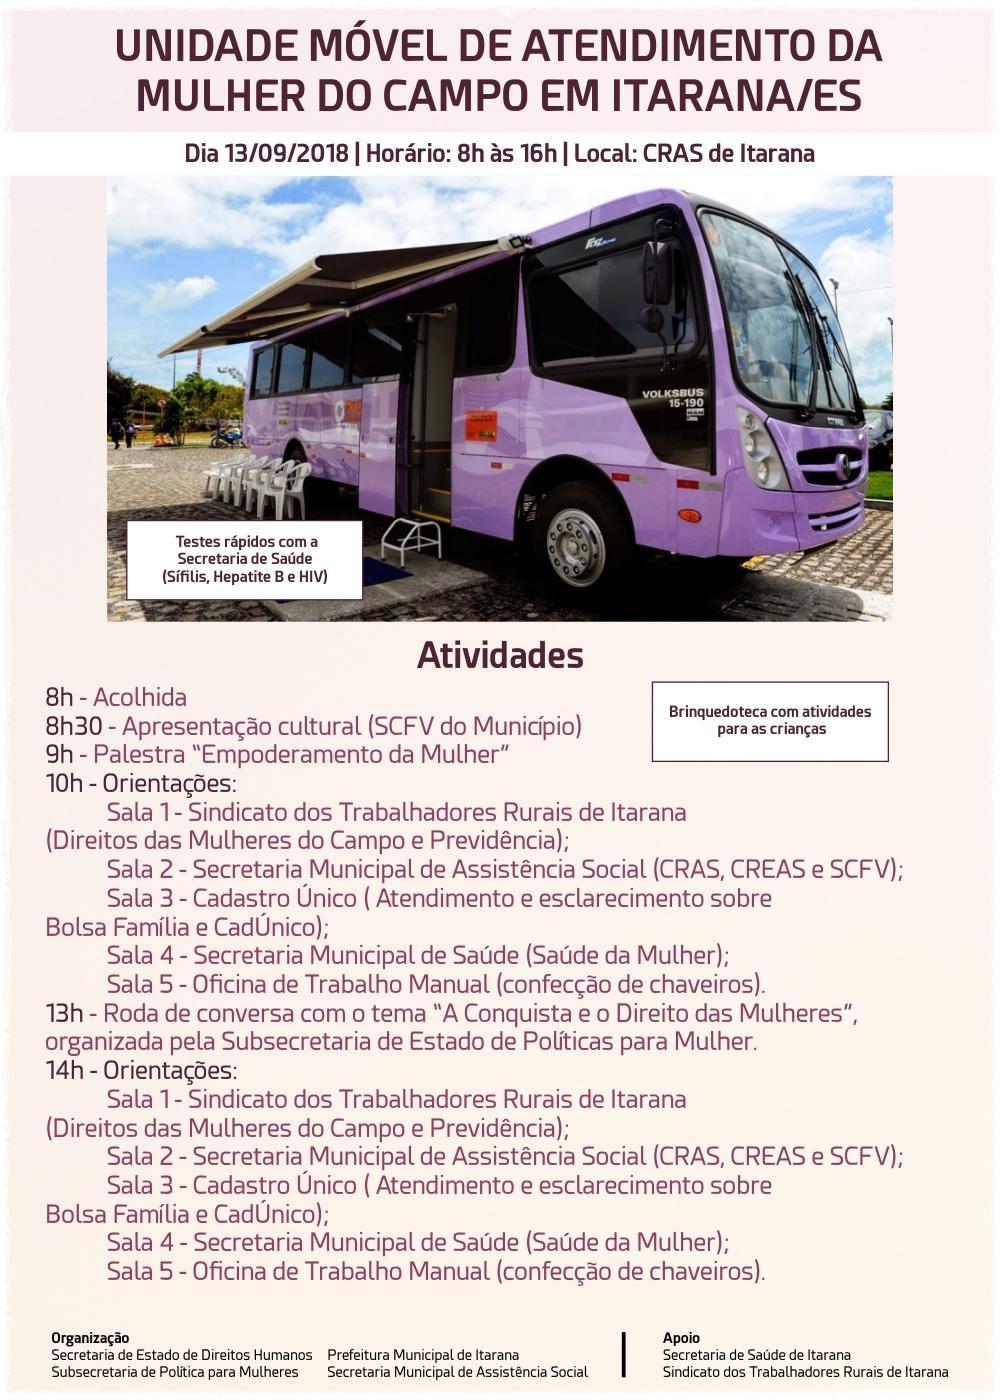 Unidade Móvel de Atendimento da Mulher do Campo estará em Itarana no dia 13 de setembro